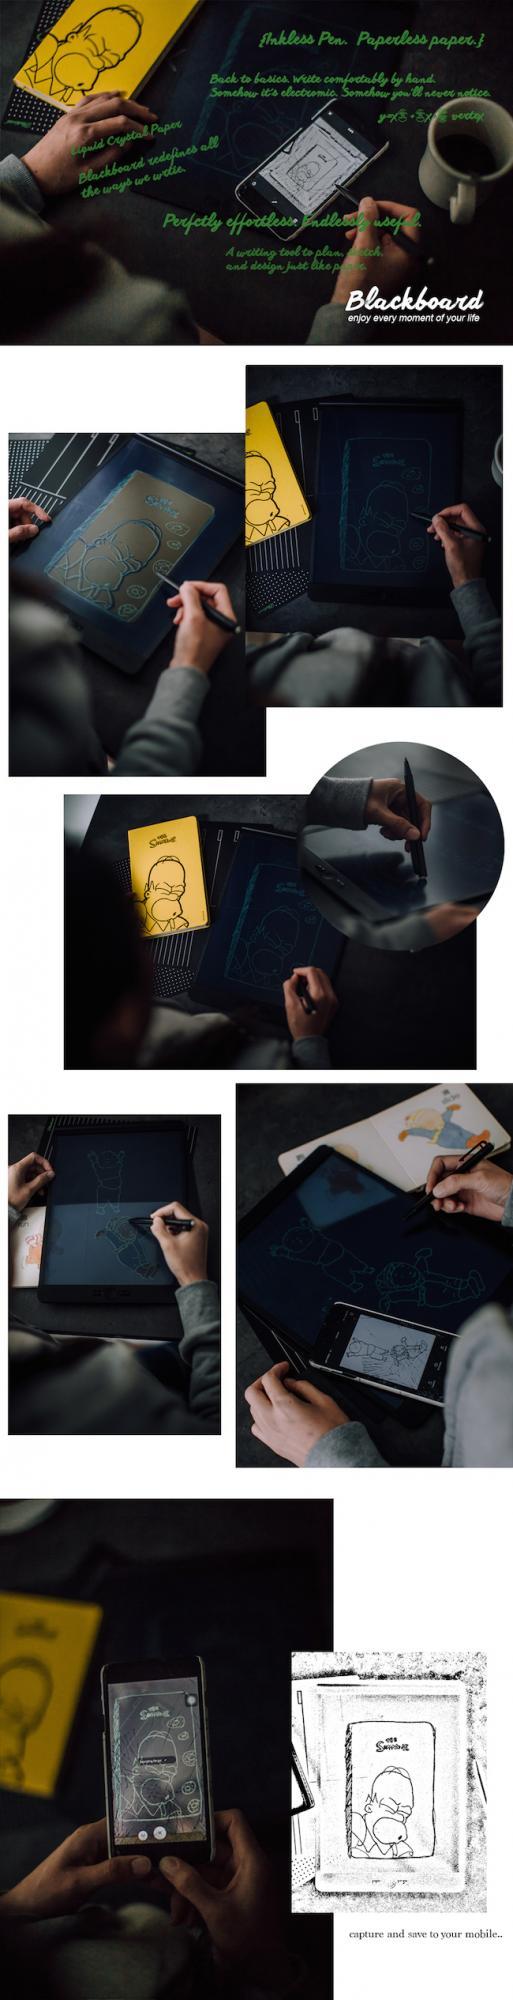 不只绘图工作!全方面应用于生活中的「BlackBoard 透明手写涂鸦板